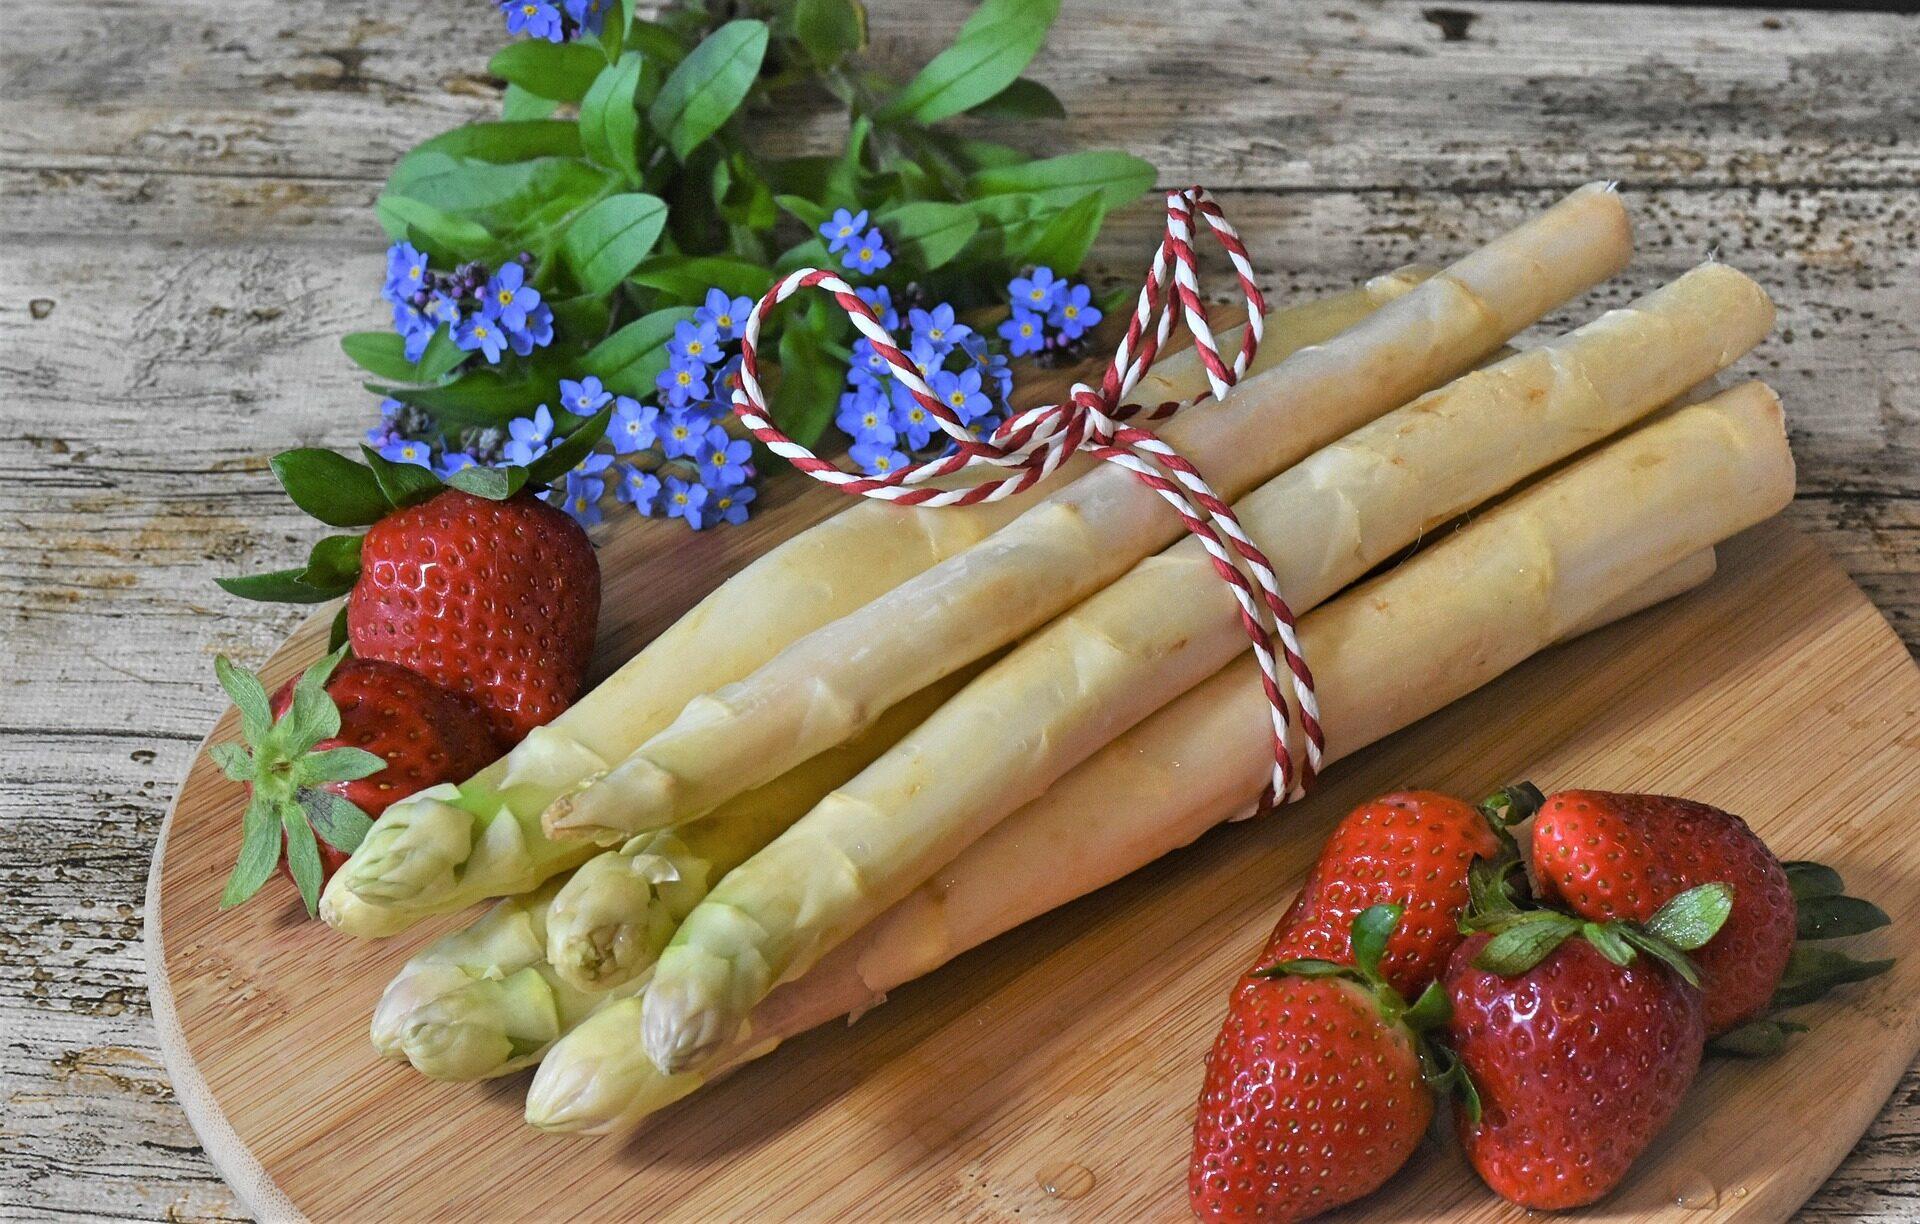 asparagus-4140312_1920.jpg